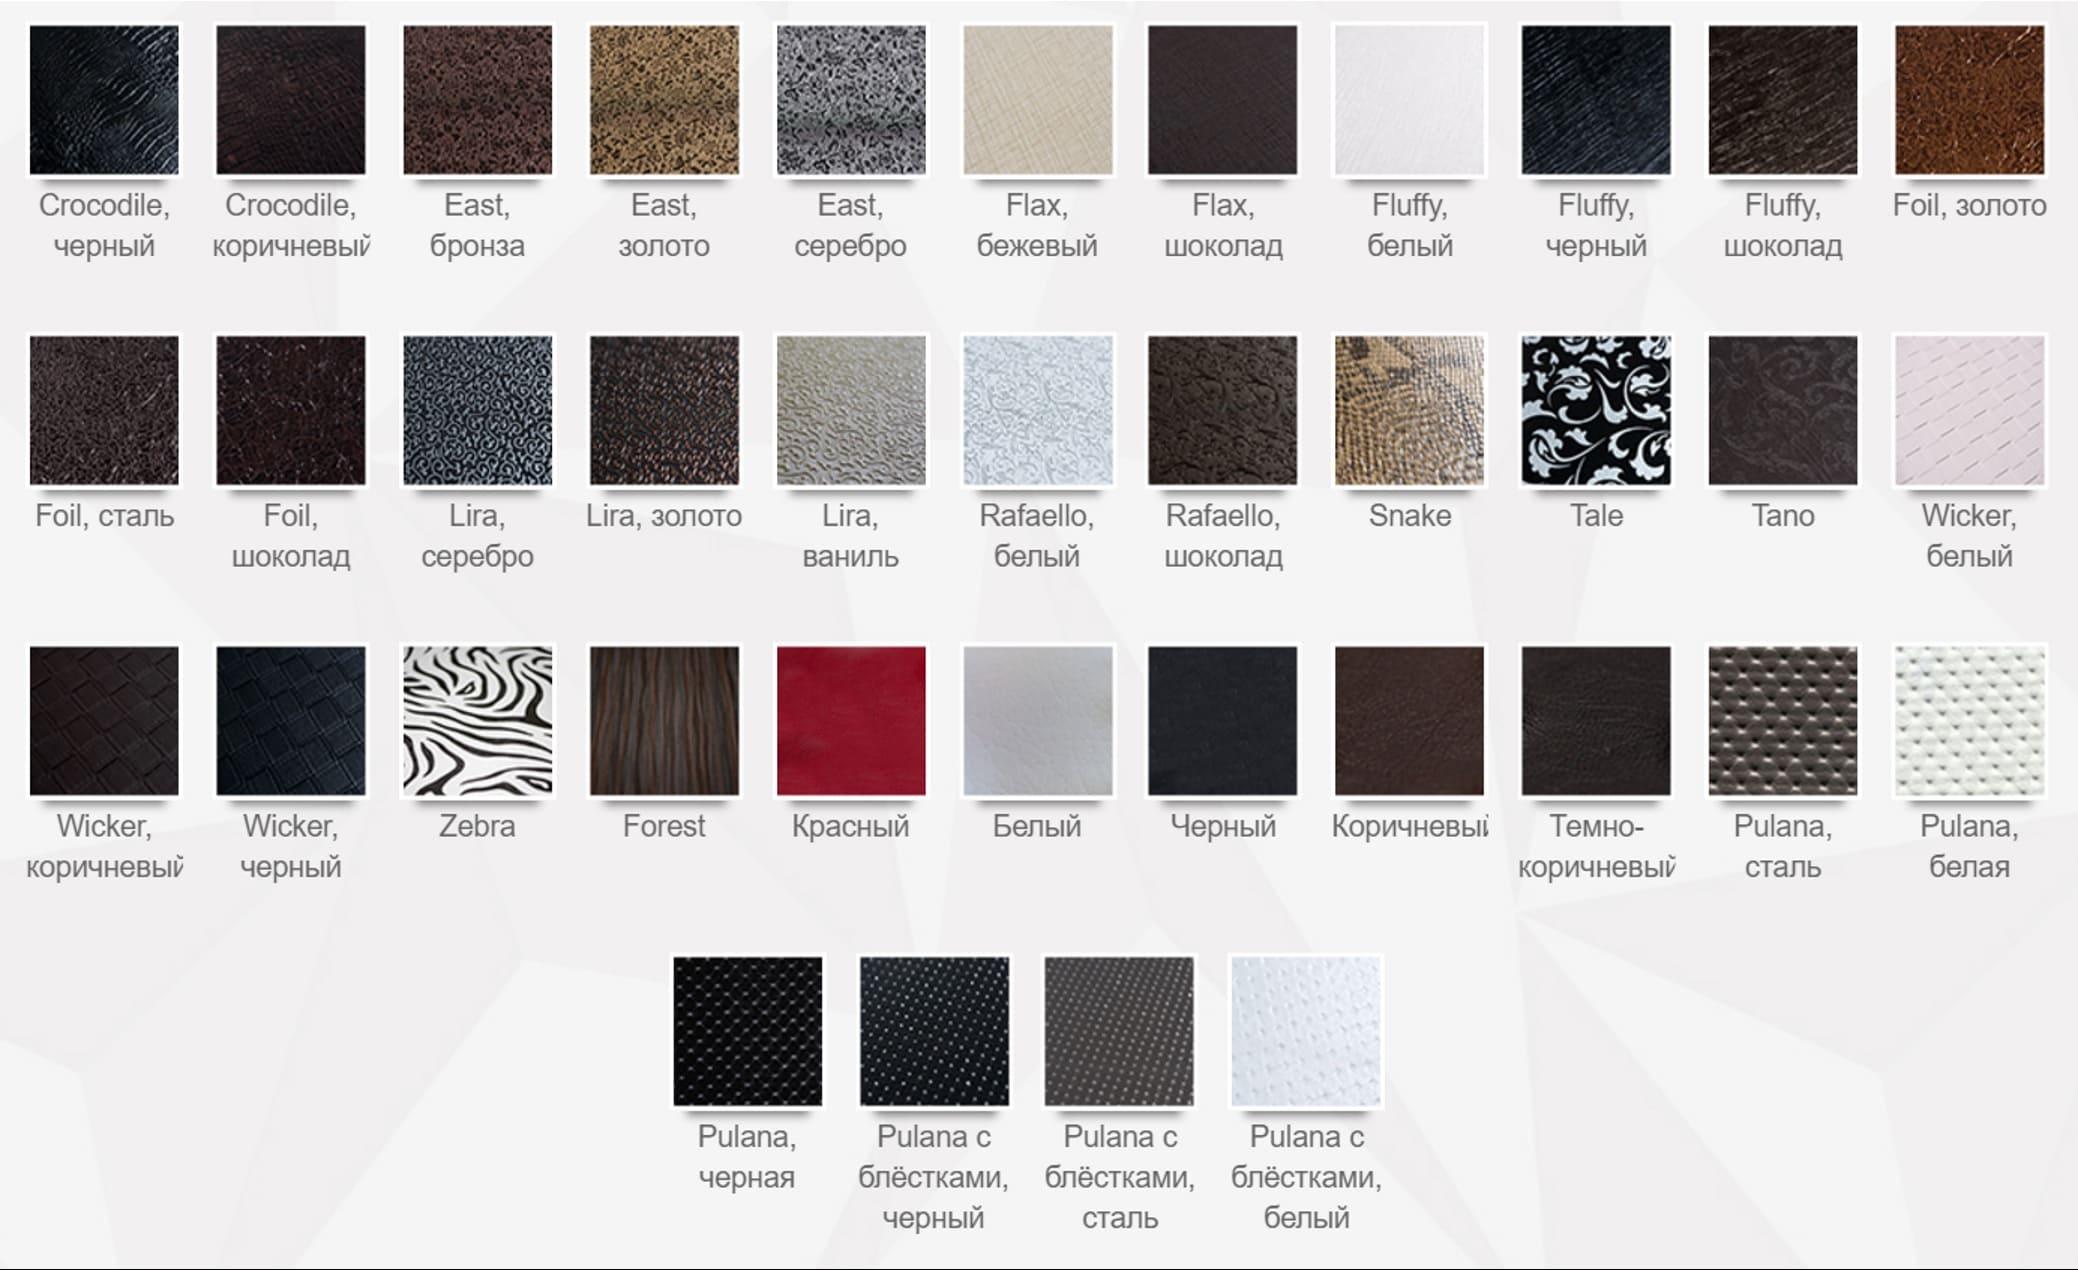 Возможные цвета и варианты кожаных панелей 2D